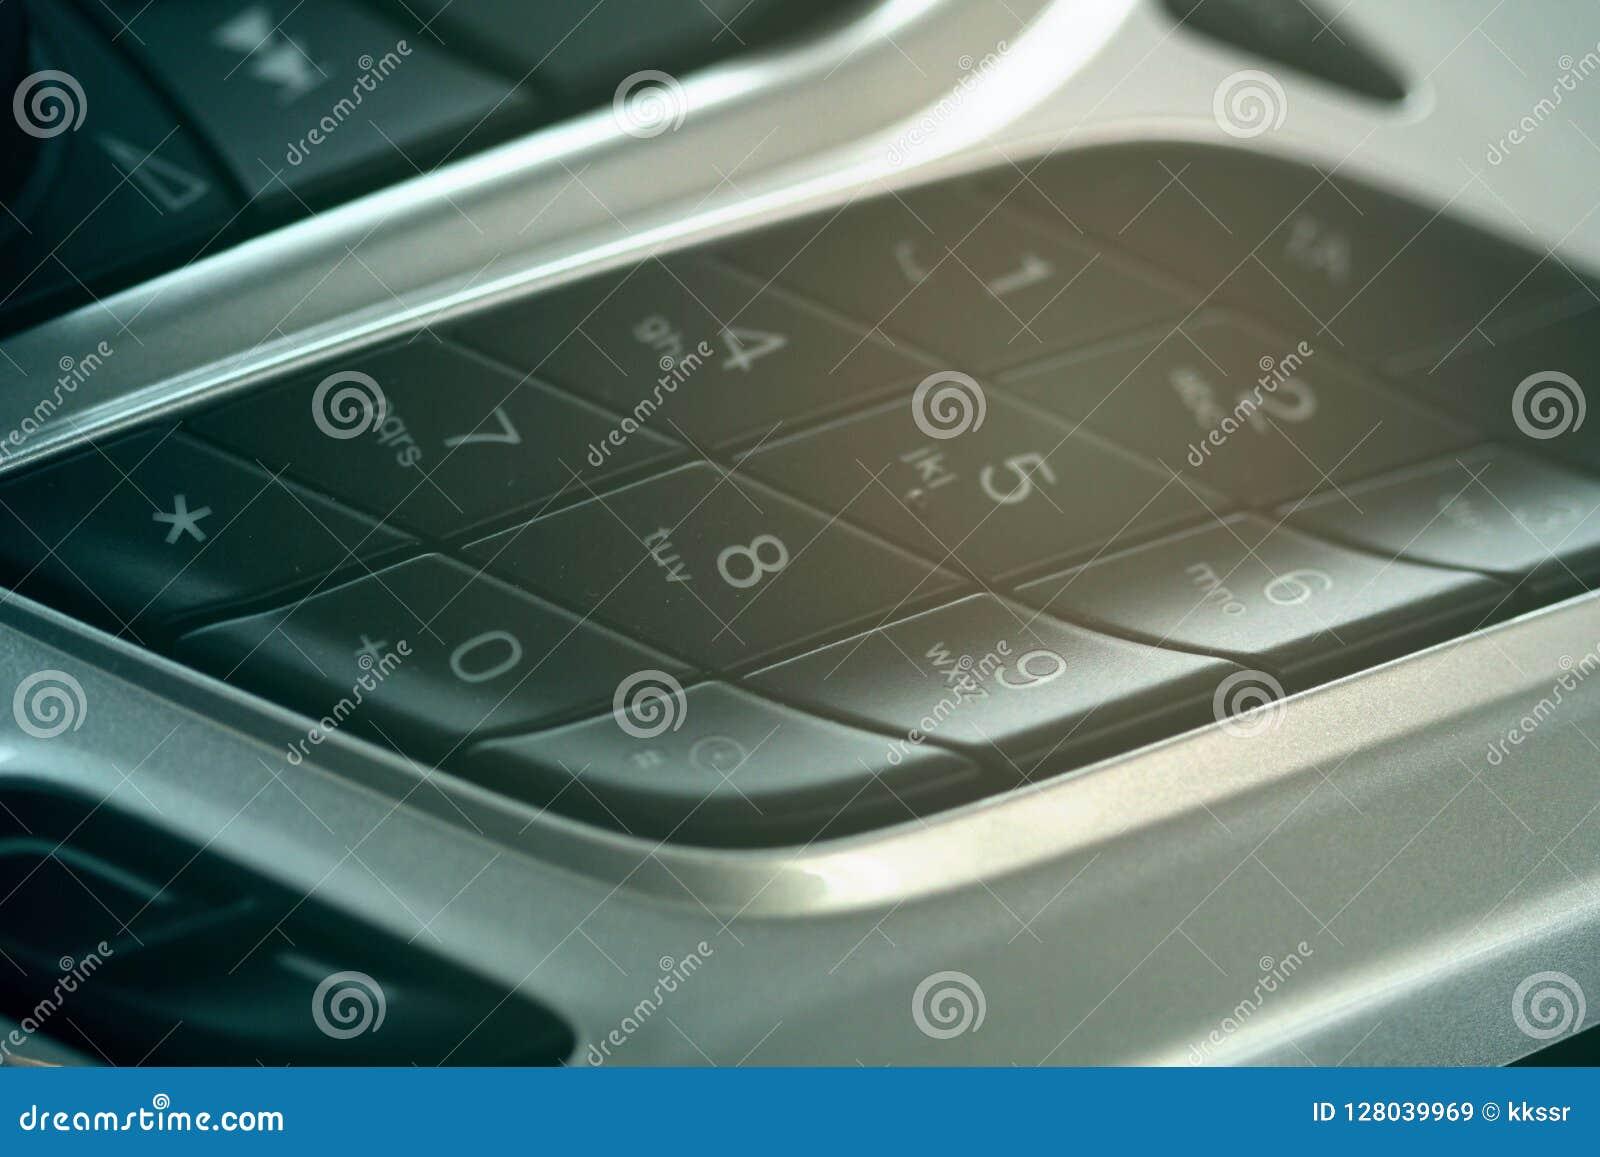 El cojín del dial del tablero de instrumentos del coche al lado del control audio abotona